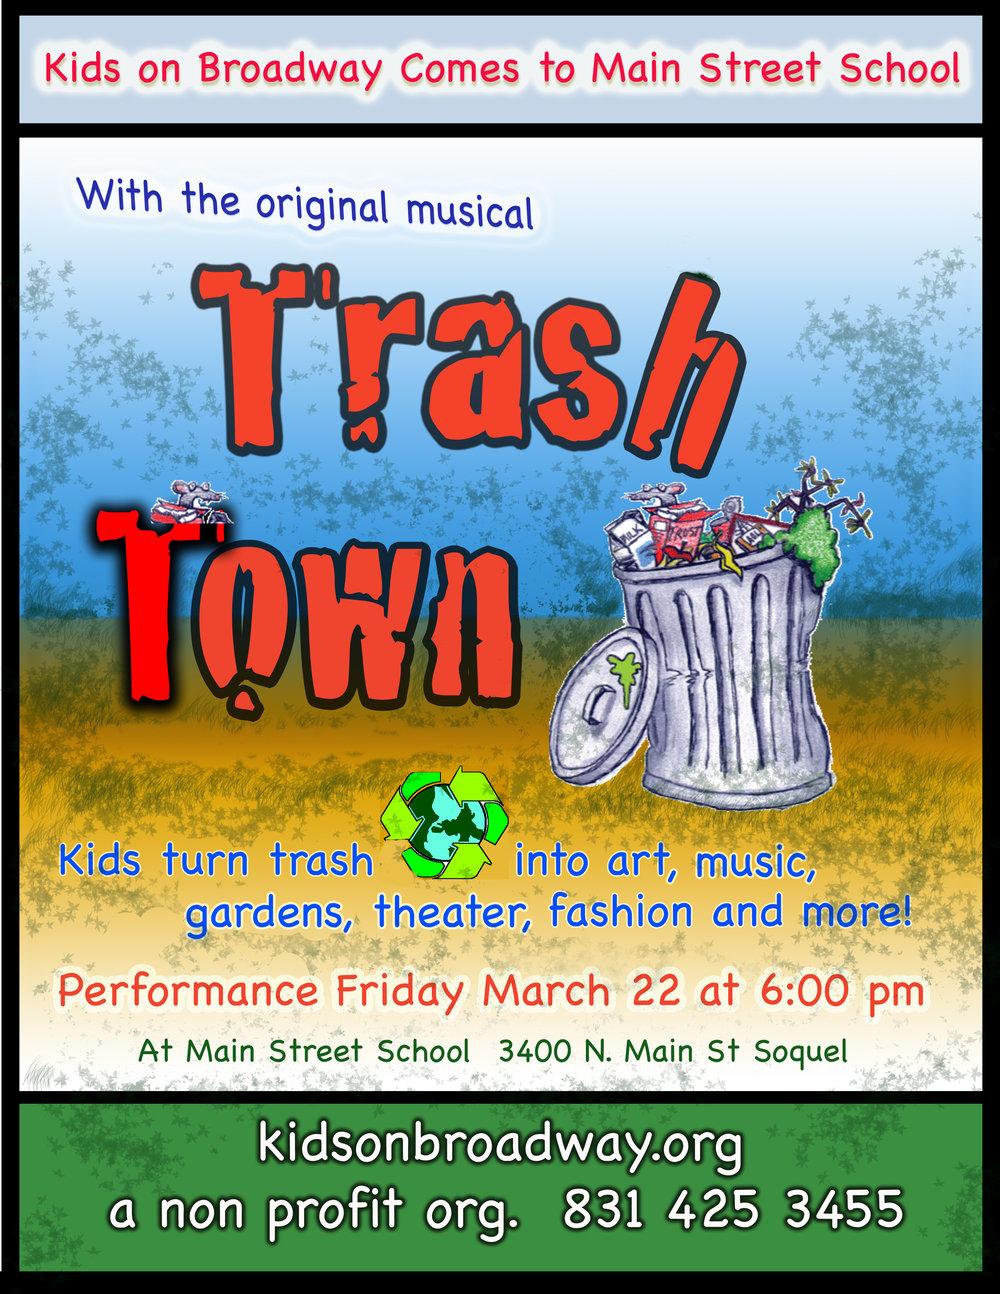 oooTrash Town image copy 2.jpg